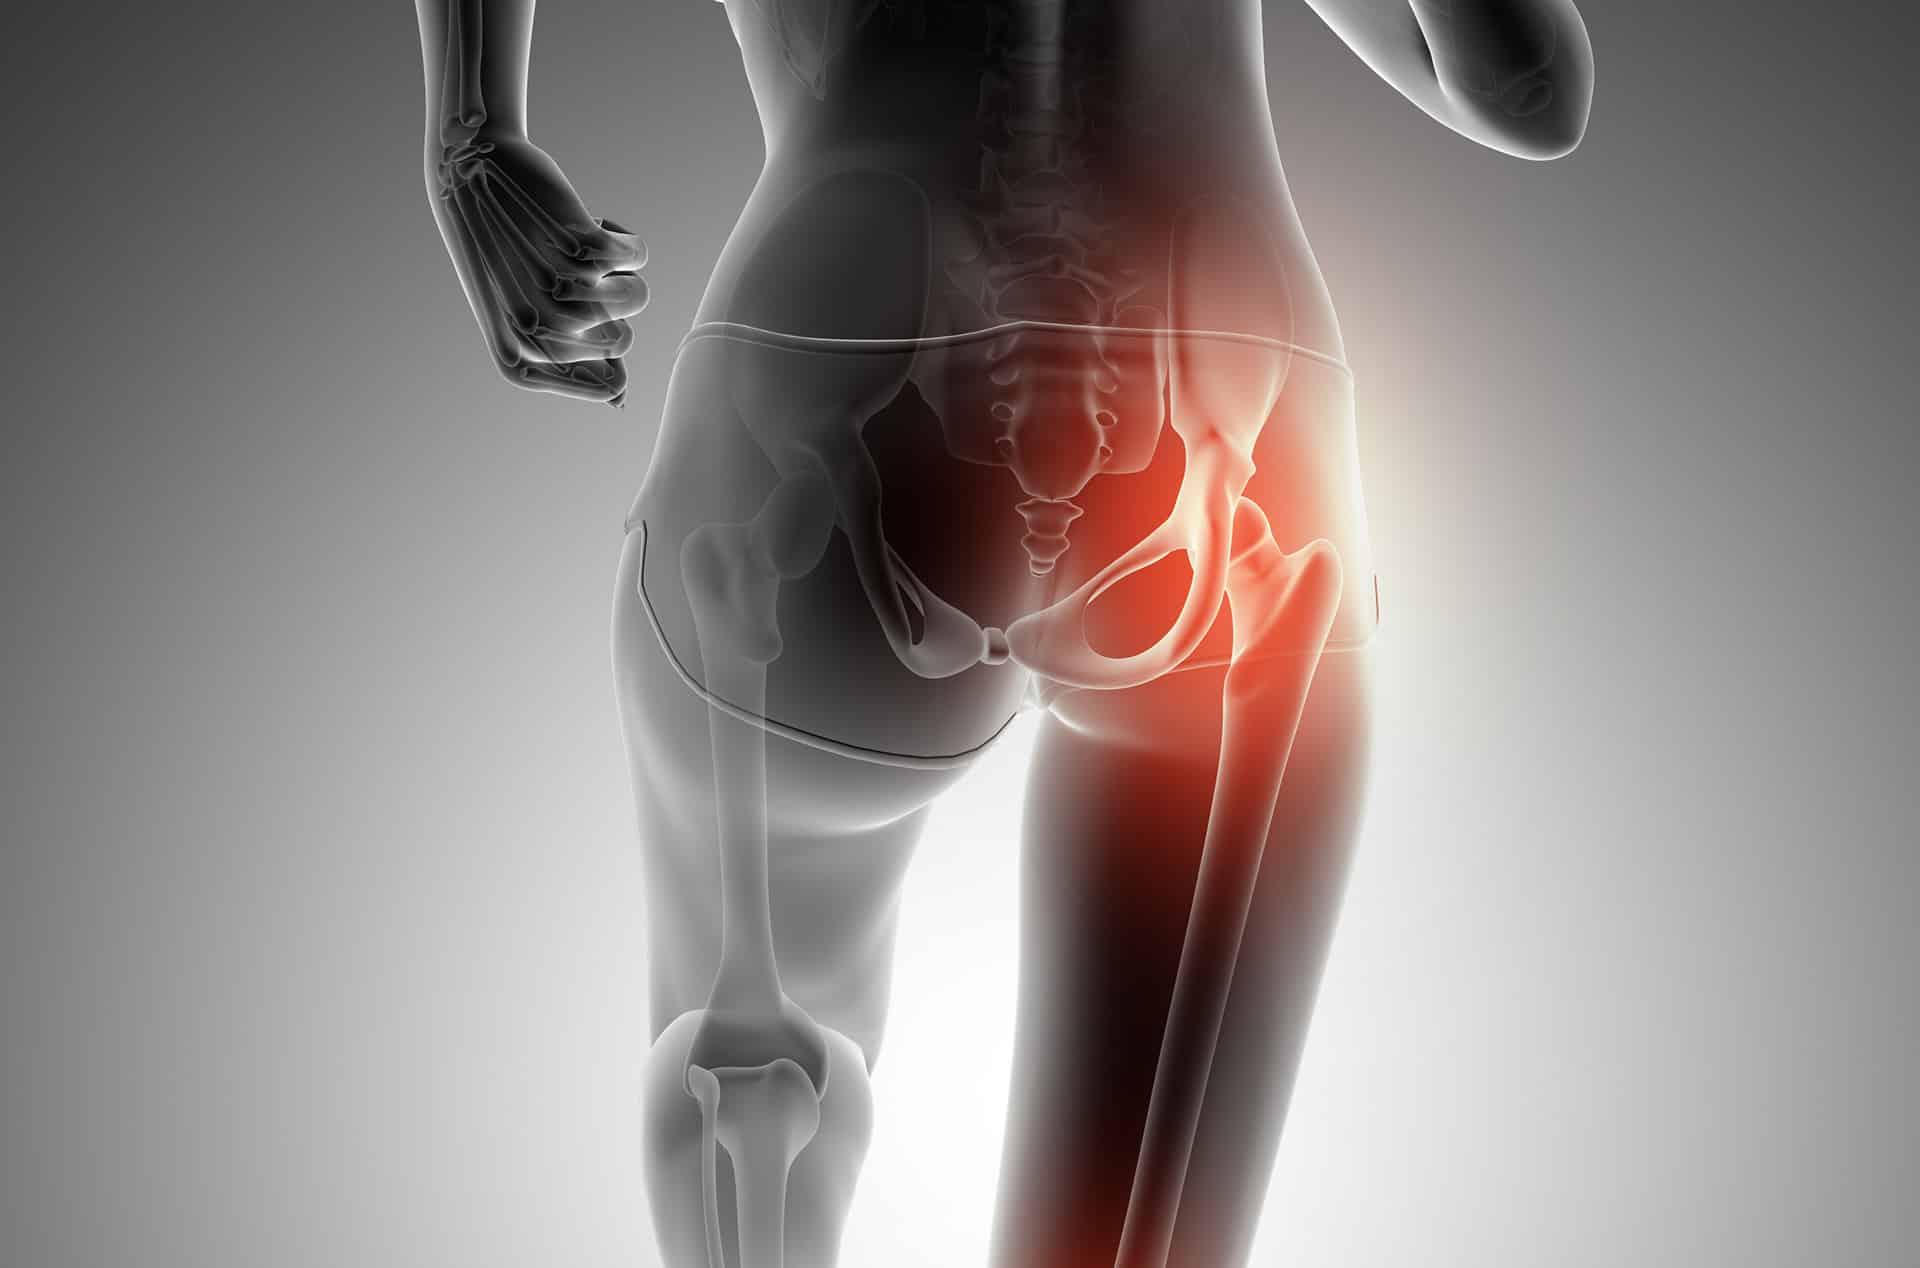 los flexores de la cadera pueden causar dolor pélvico